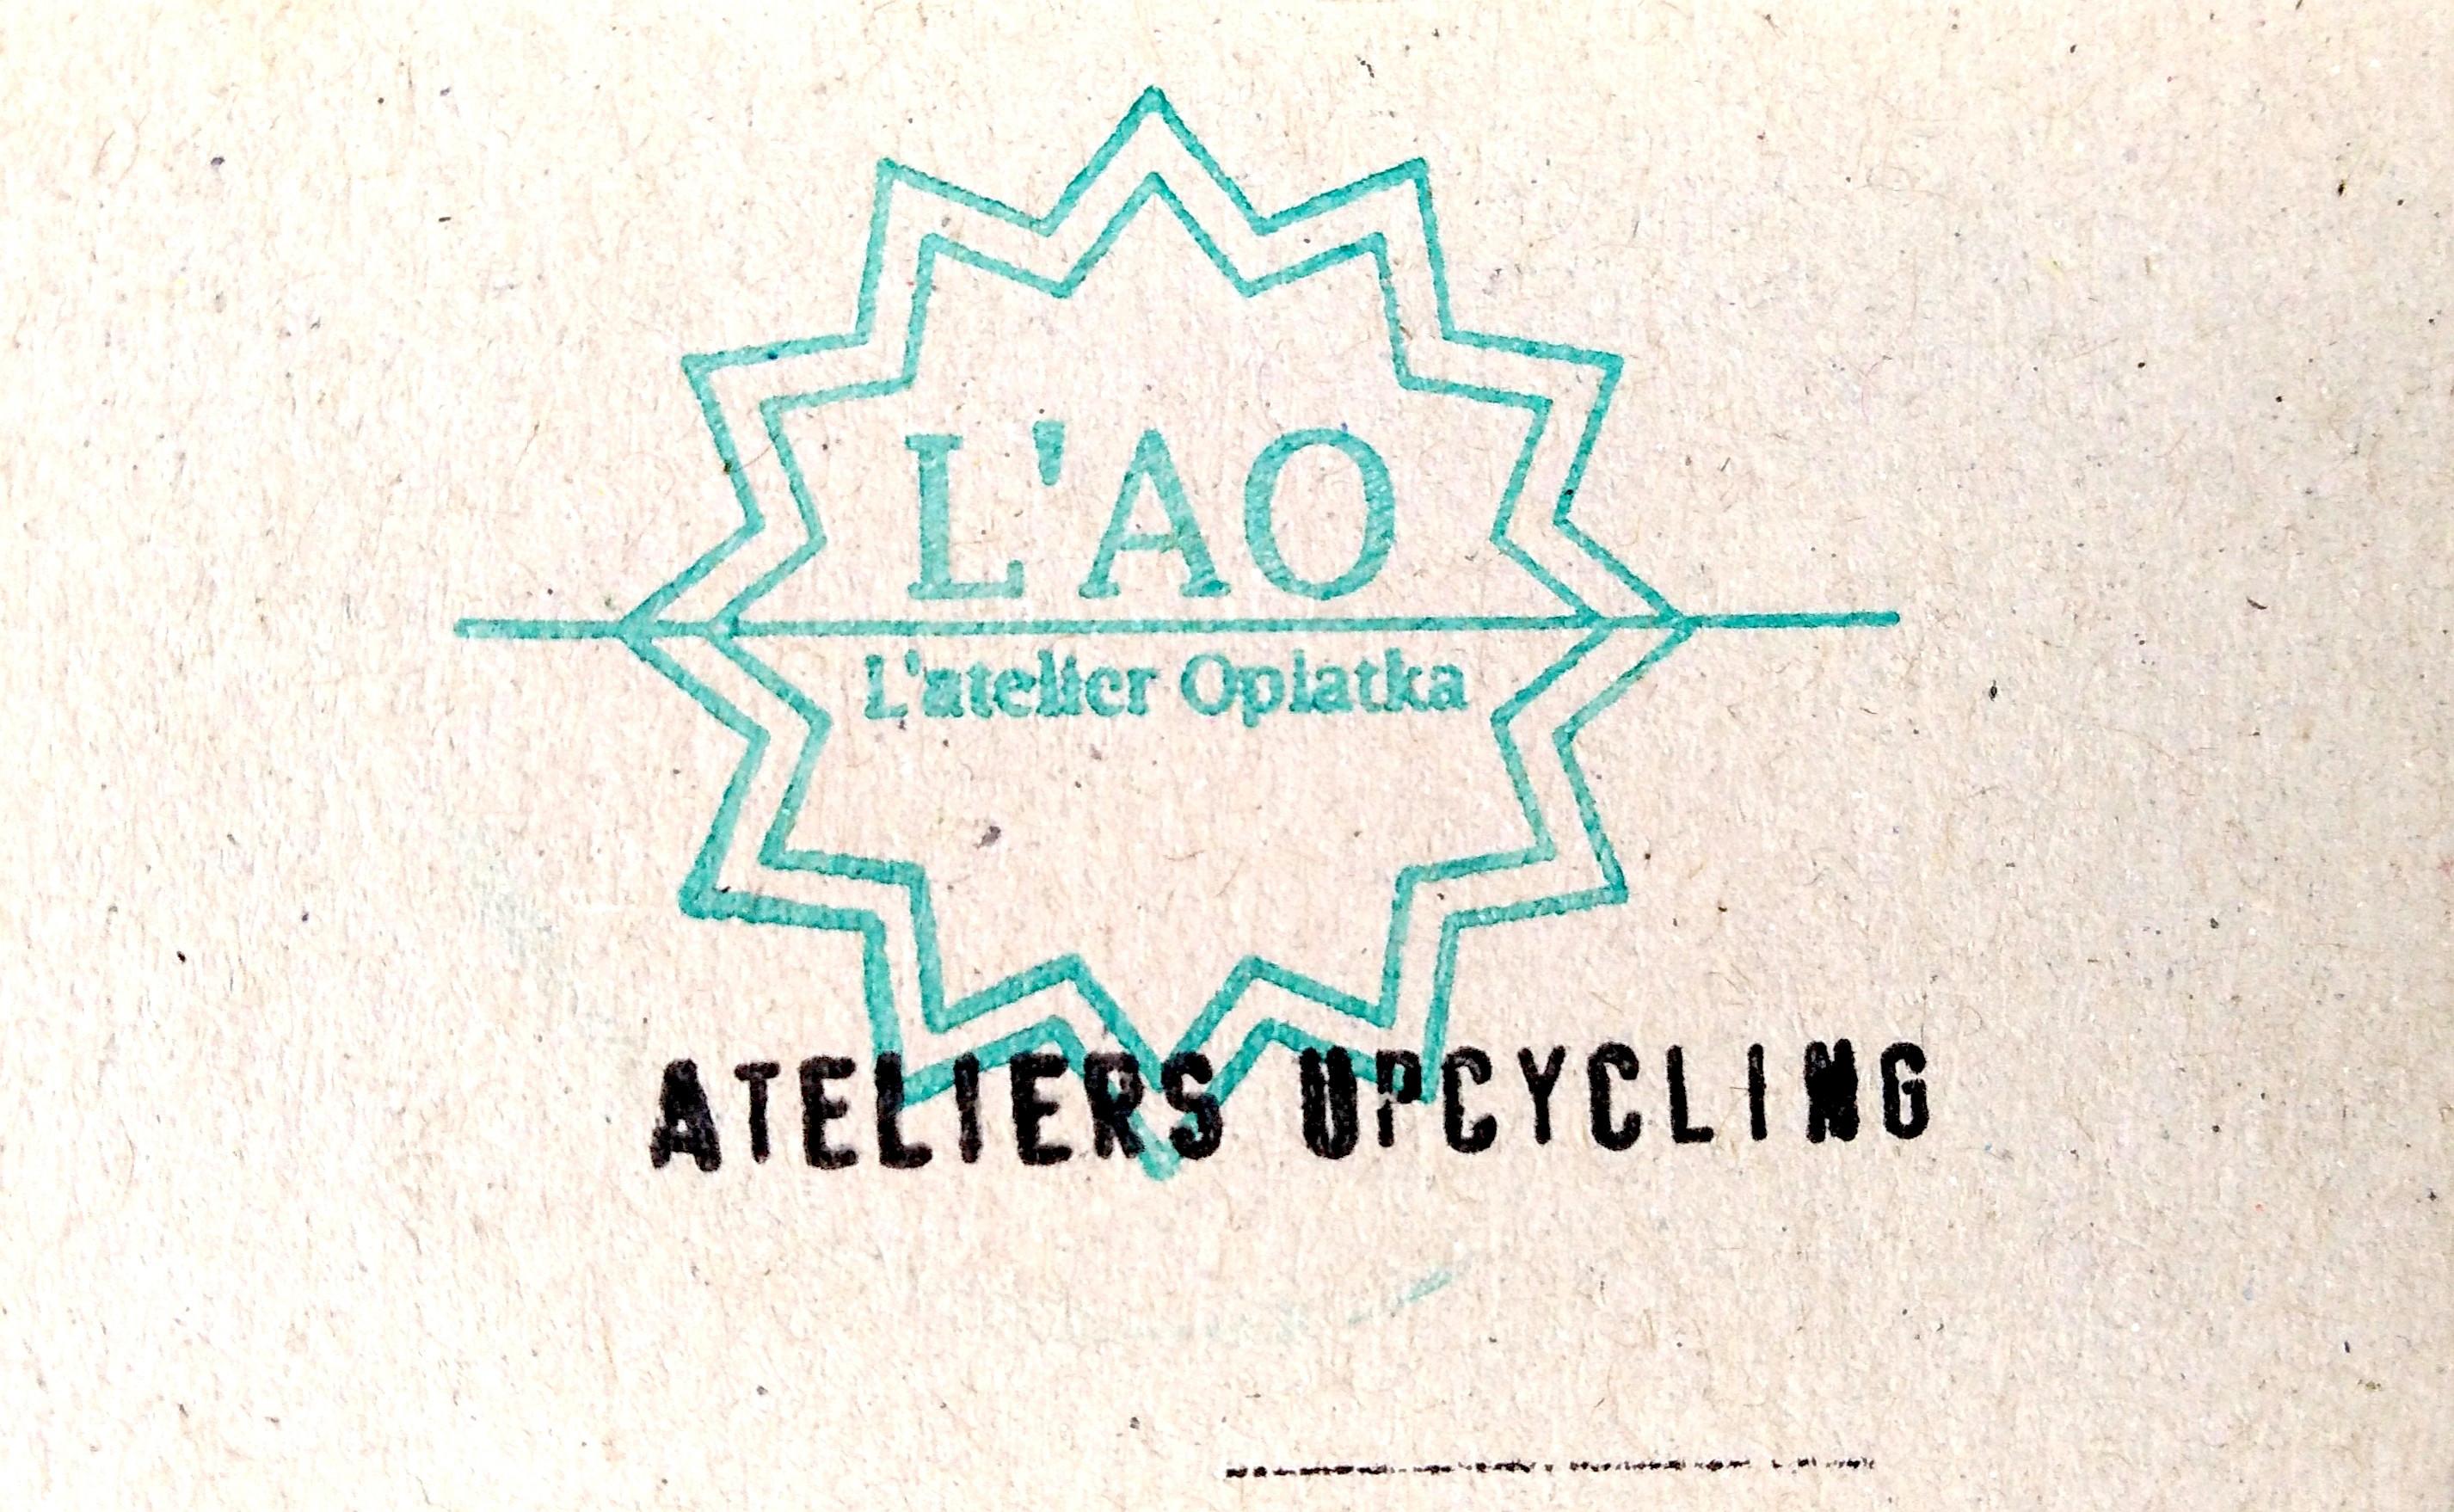 L'Atelier Oplatka